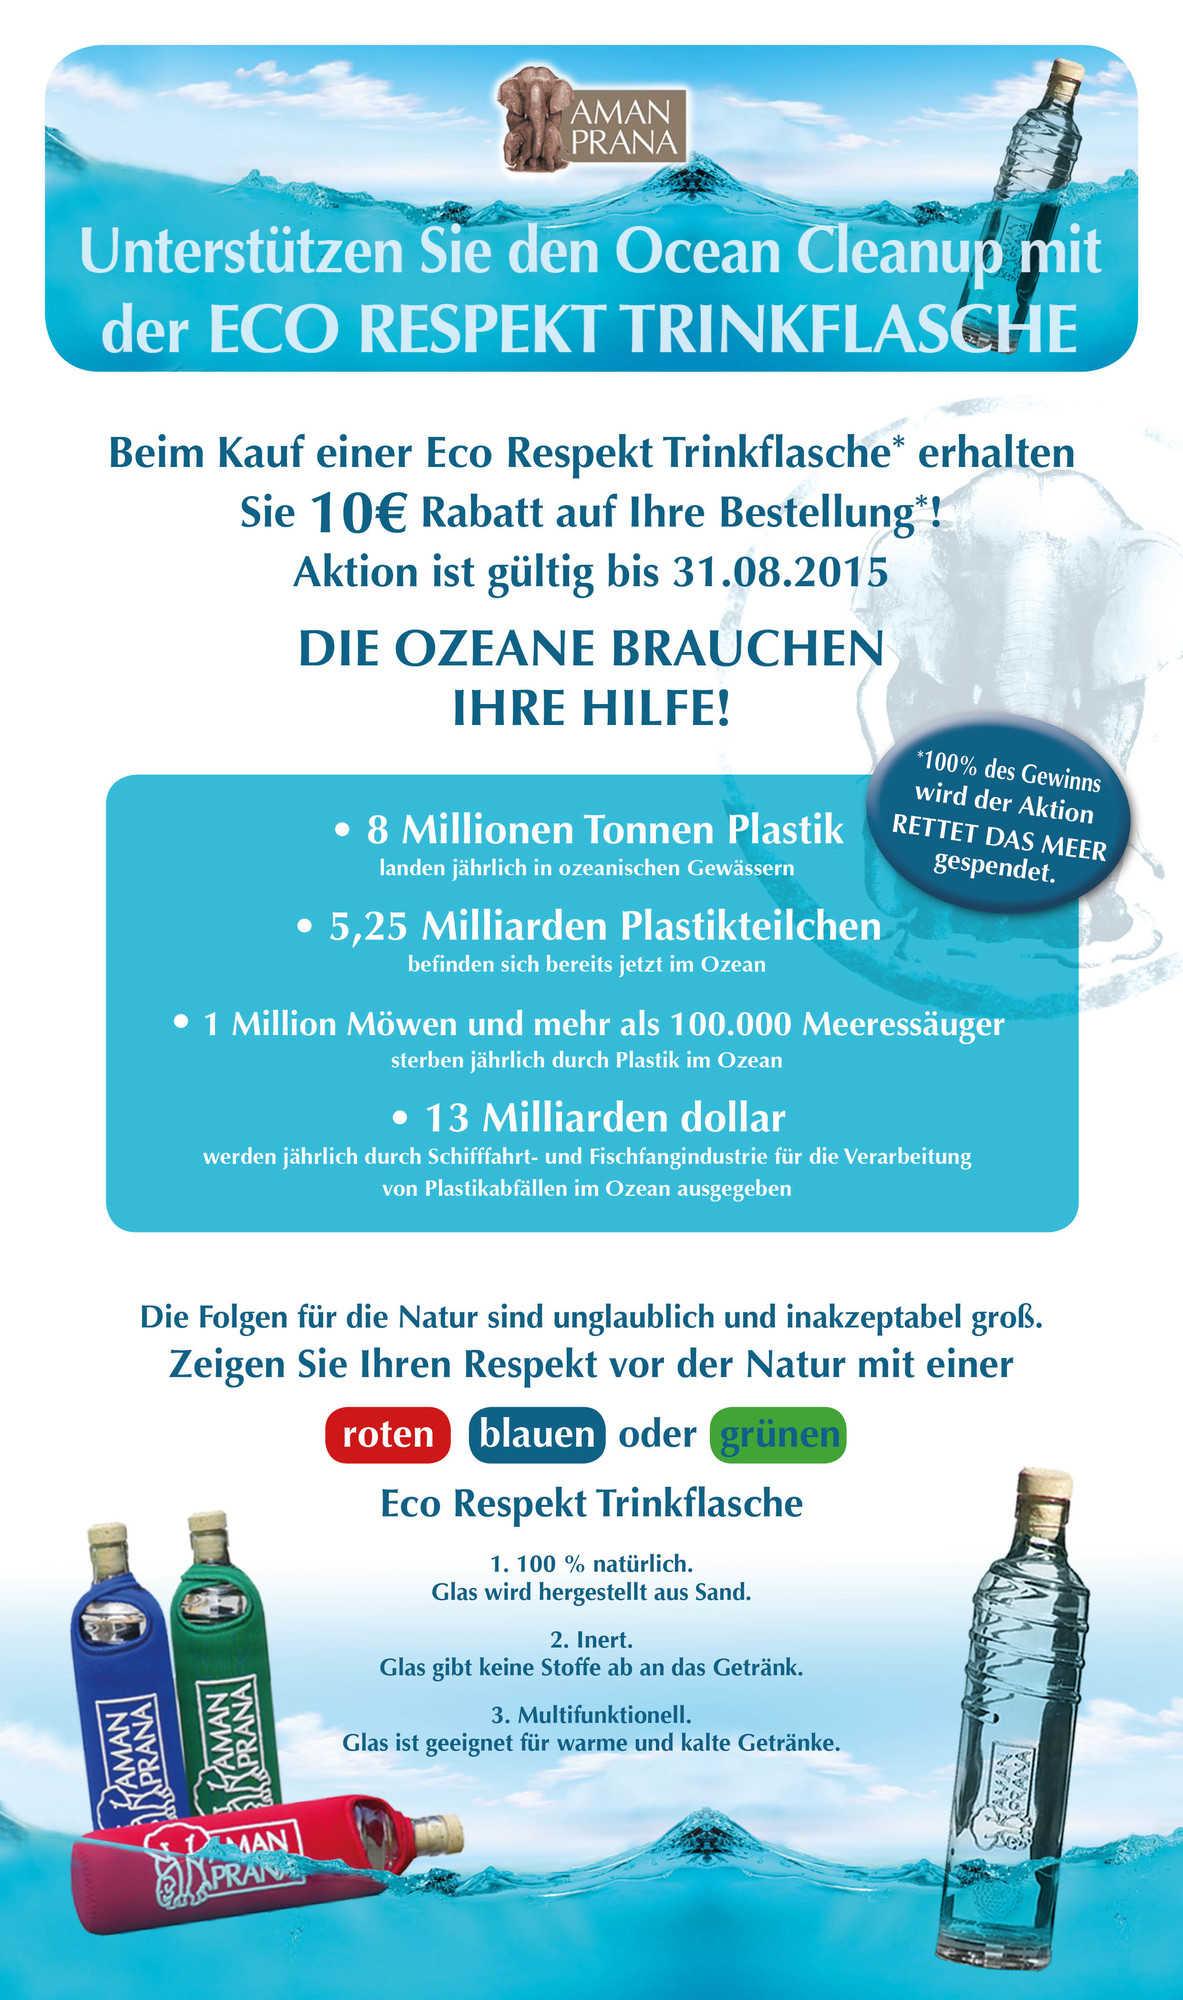 Amanprana unterstützt den Ocean Cleanup mit der Eco Respekt Trinkflasche